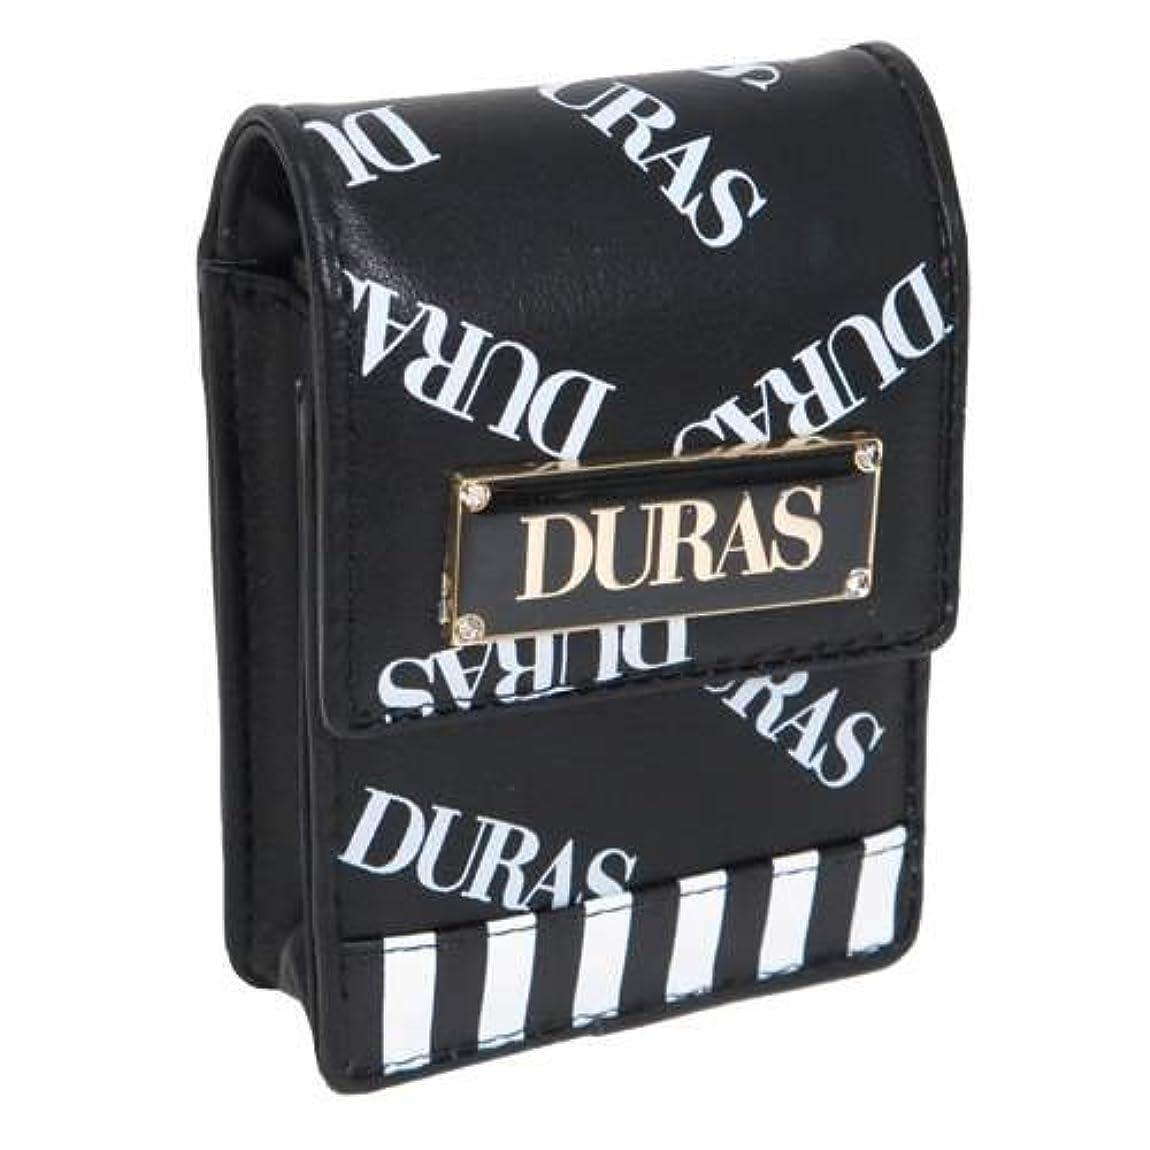 除去マルコポーロ倍率DURAS デュラス[ミニポーチ]合皮 リップポーチ/ロゴ総柄 【クロ 】